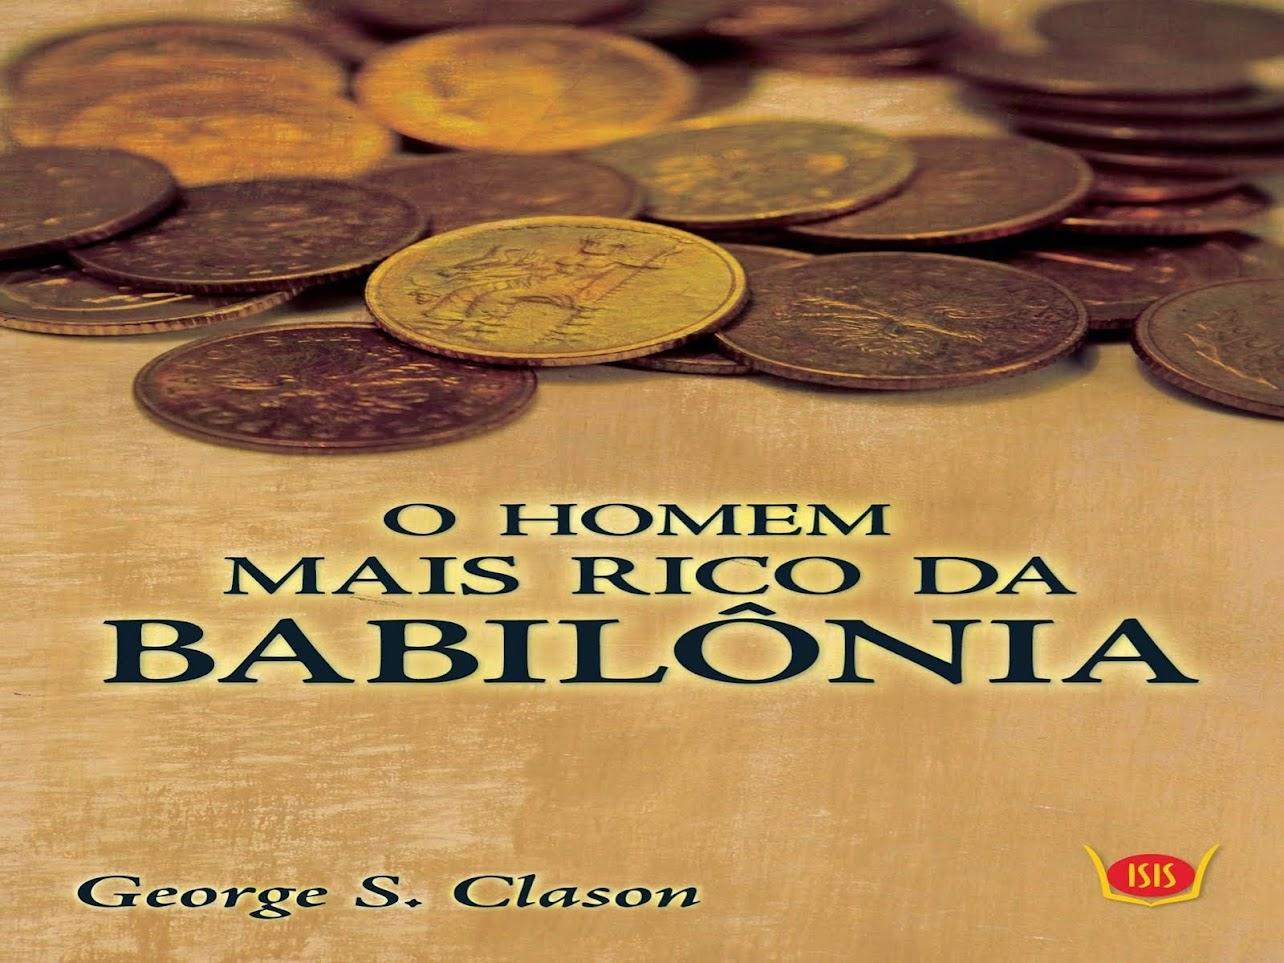 AUDIO LIVRO: O HOMEM MAIS RICO DA BABILÔNIA